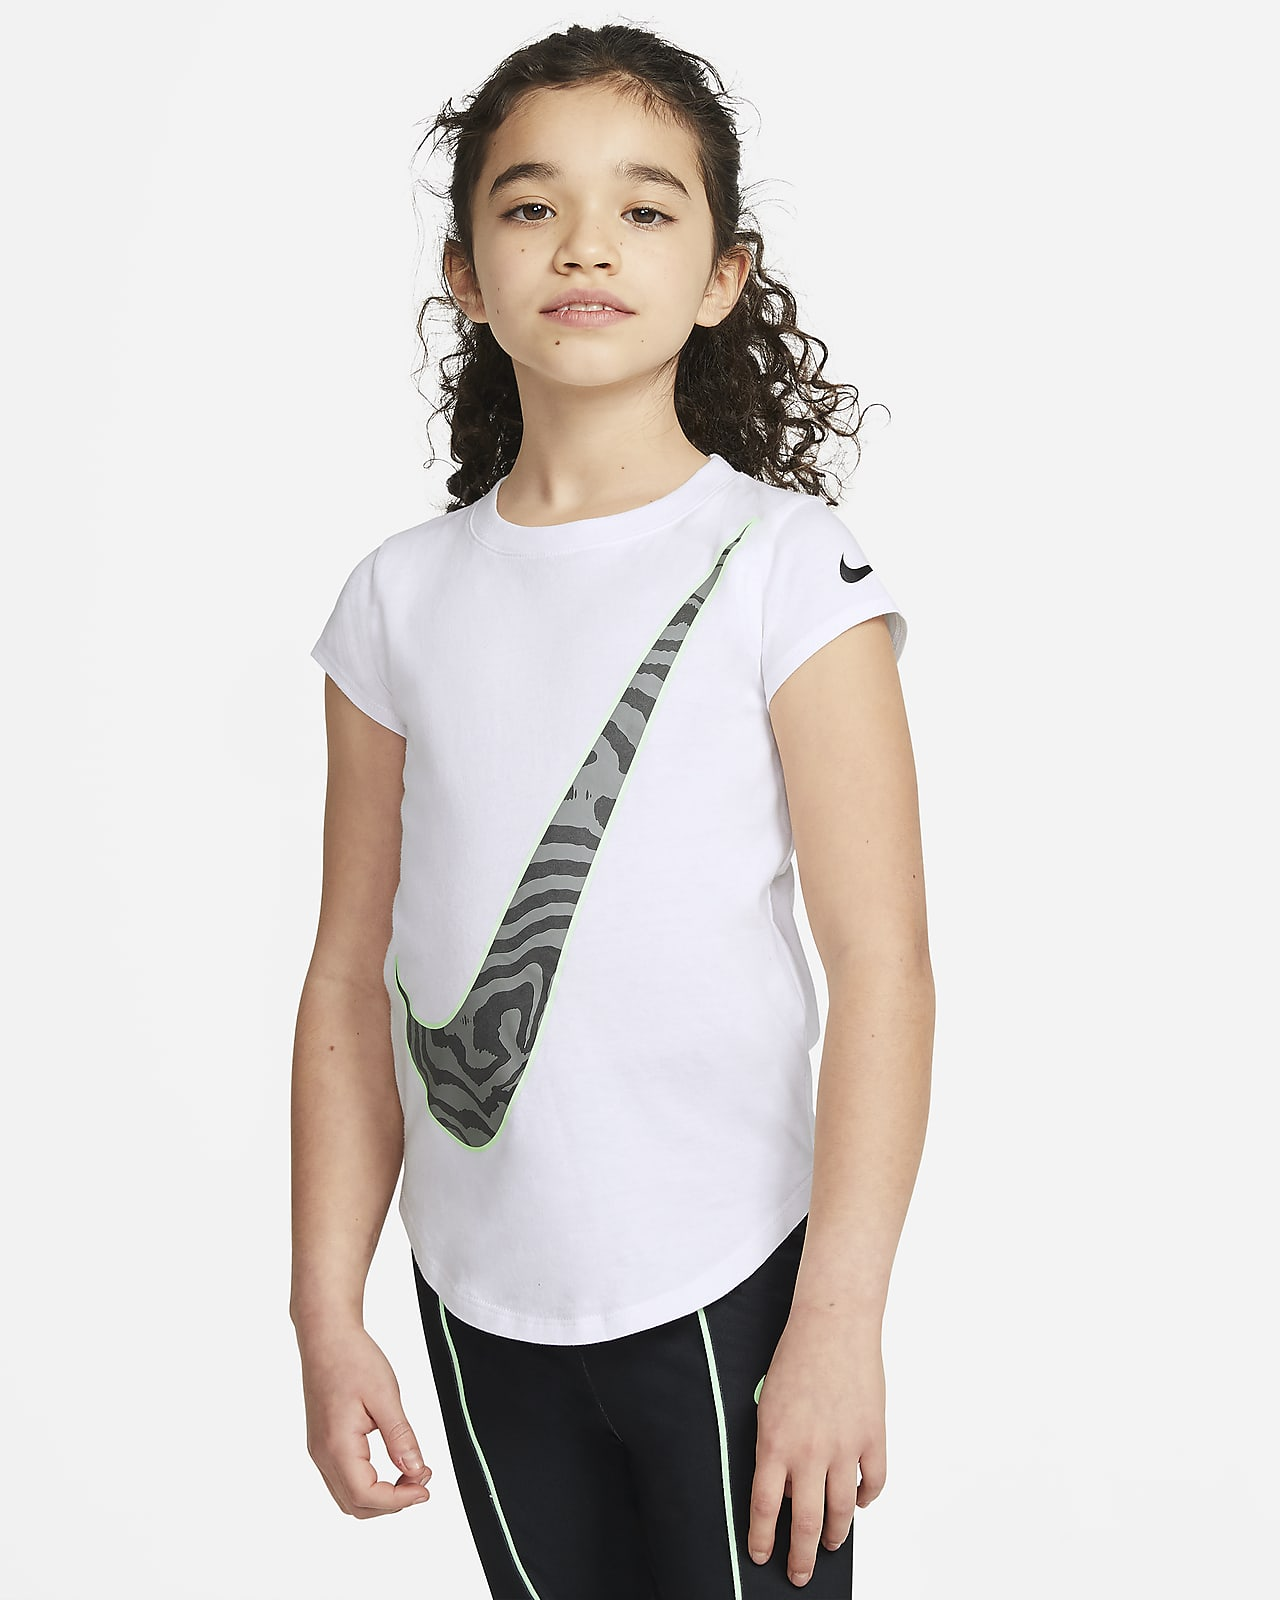 Nike póló gyerekeknek